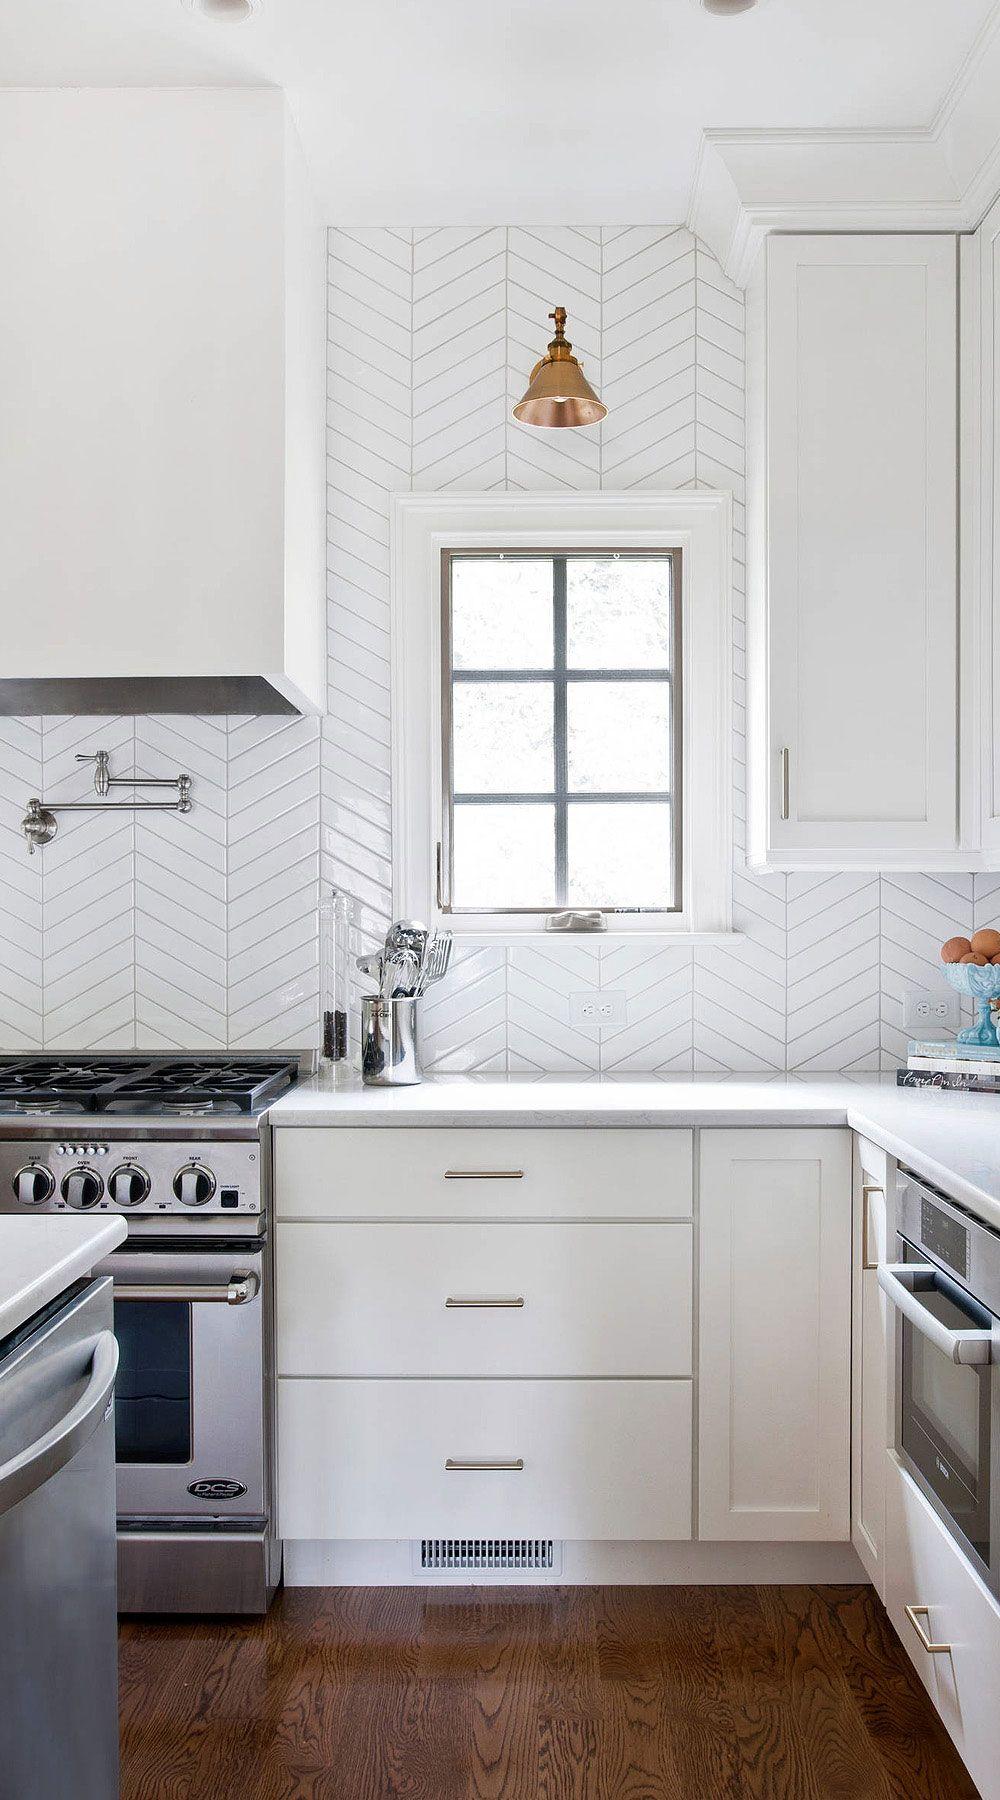 112 Chevron Backsplash Zig Zag Stunning Chevron Pattern Tiles In 2020 Chevron Kitchen Backsplash Kitchen White Cabinets Backsplash For White Cabinets